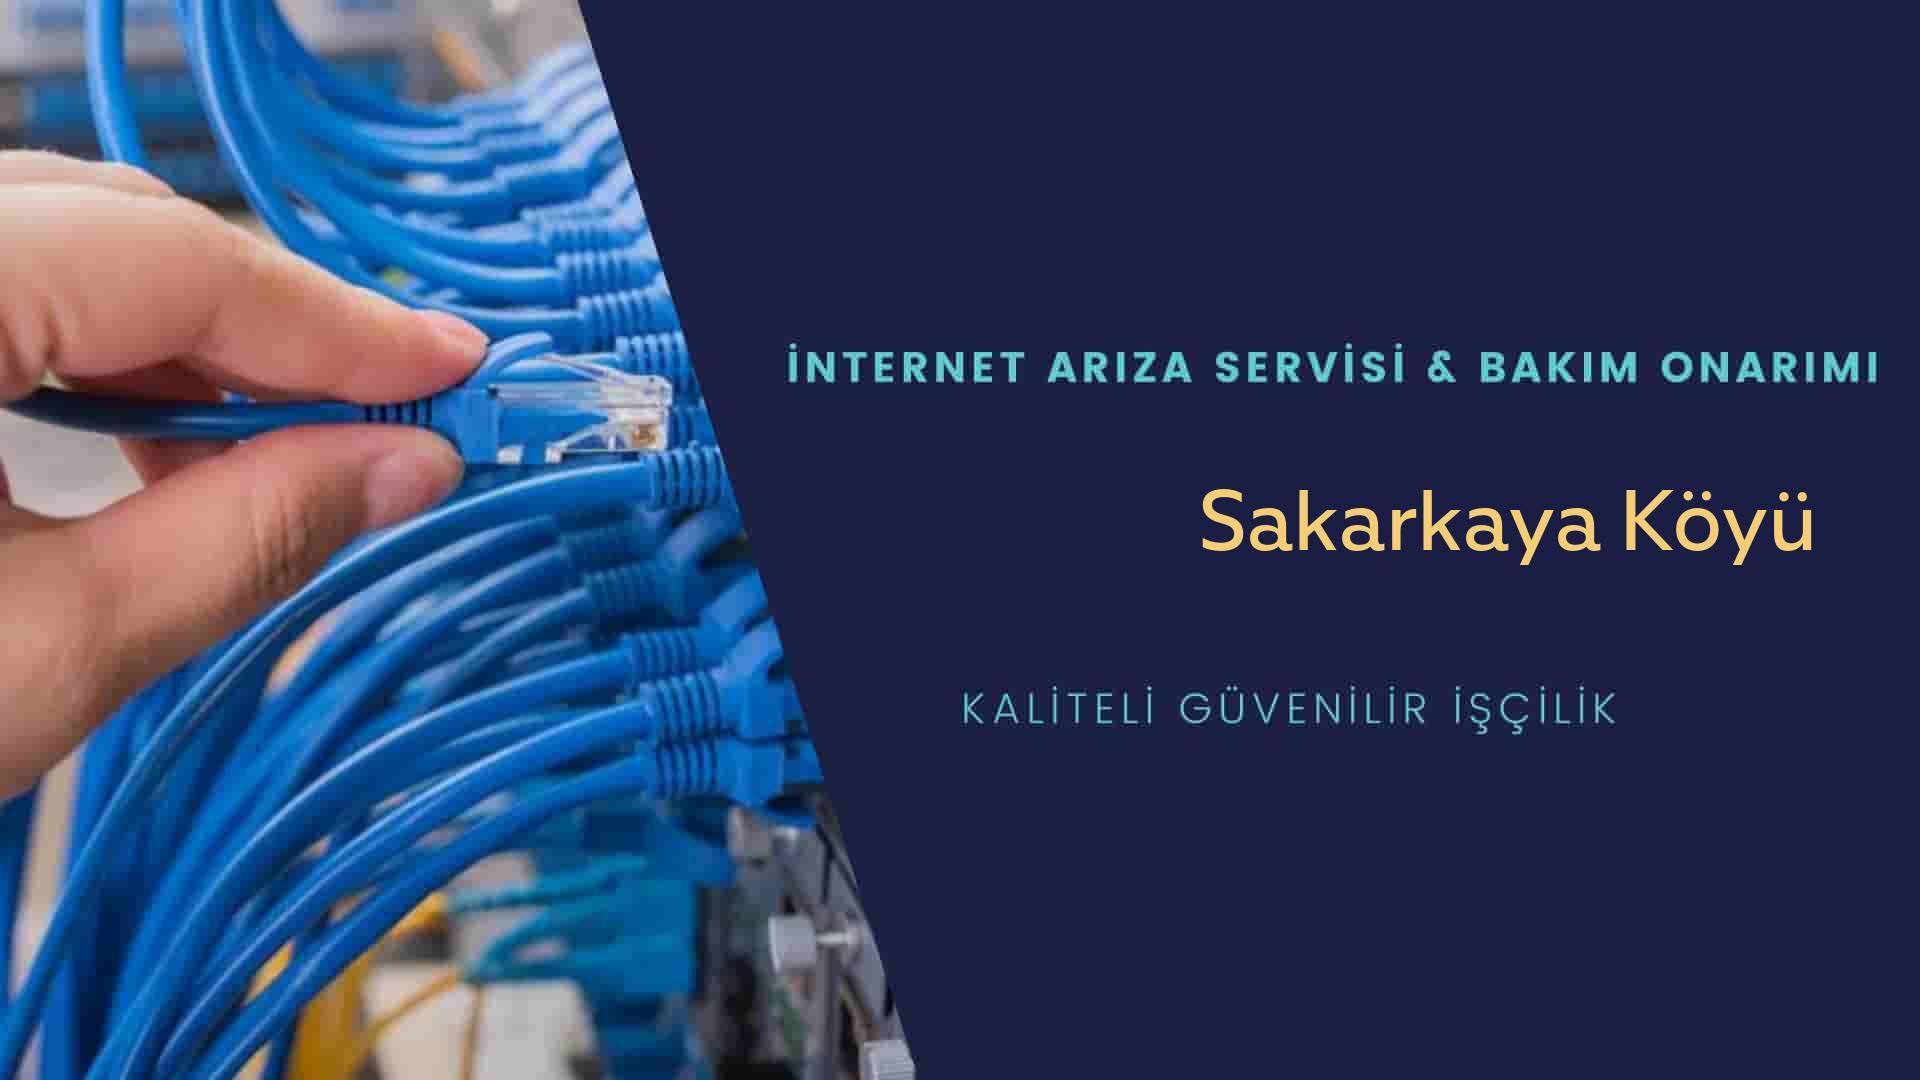 Sakarkaya Köyü internet kablosu çekimi yapan yerler veya elektrikçiler mi? arıyorsunuz doğru yerdesiniz o zaman sizlere 7/24 yardımcı olacak profesyonel ustalarımız bir telefon kadar yakındır size.